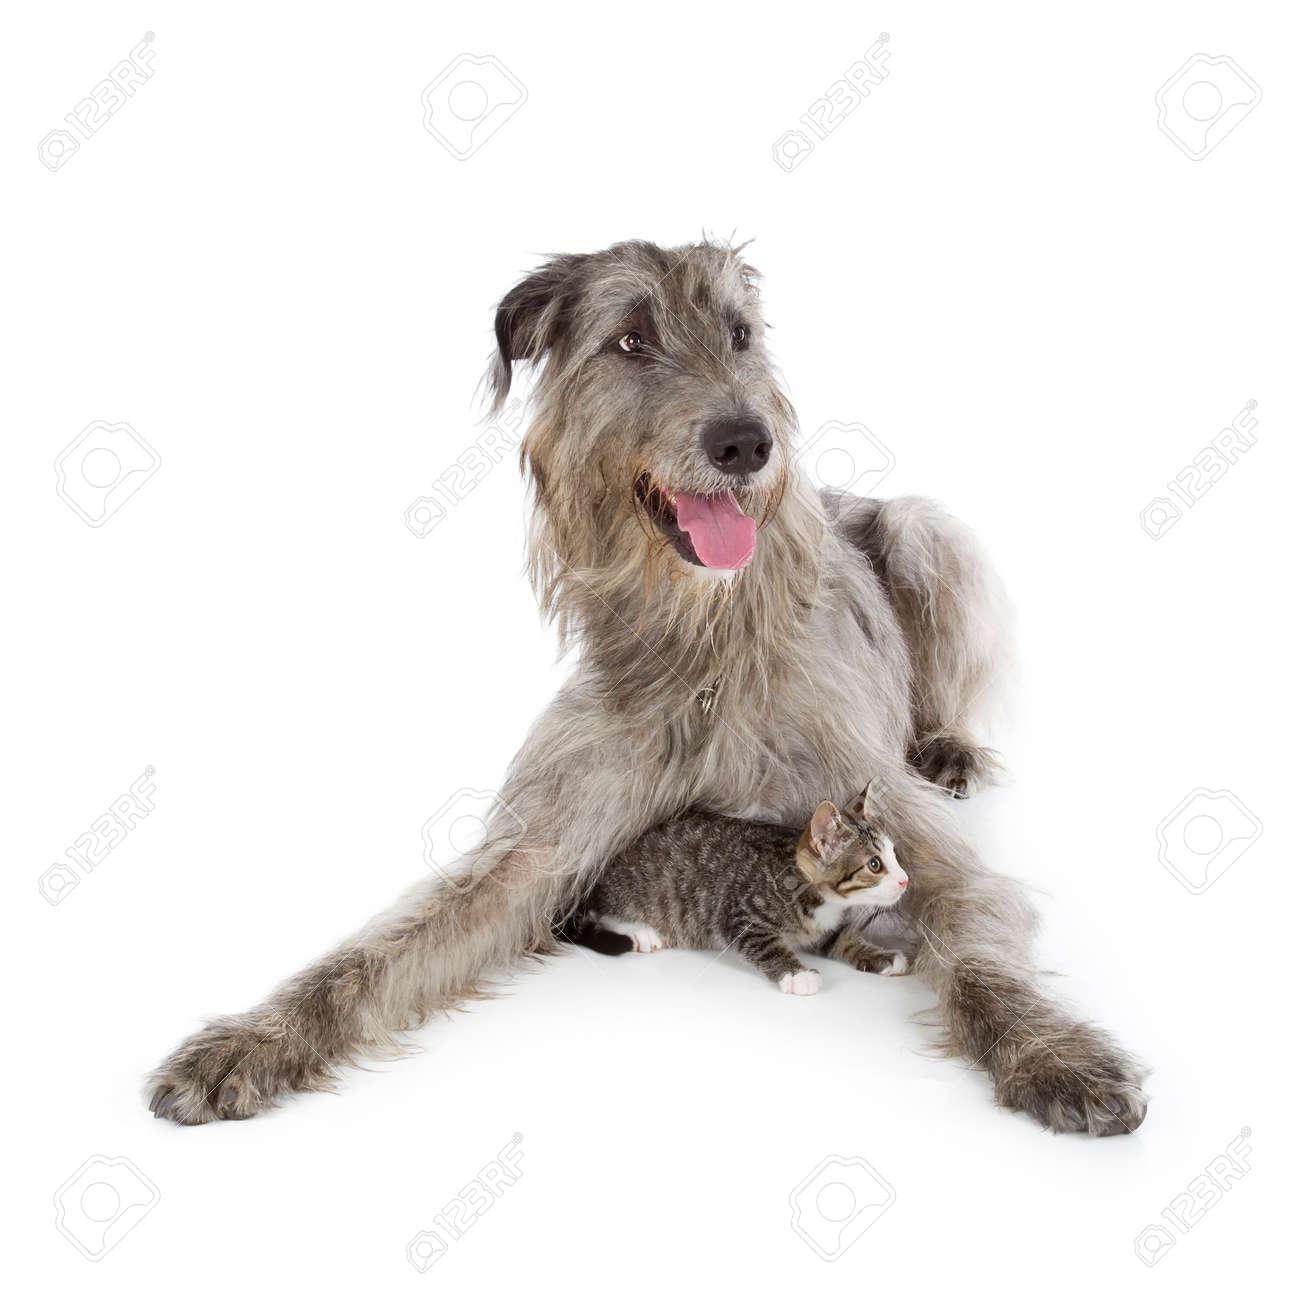 Irish Wolfhound isolated on a white background Stock Photo - 23307716